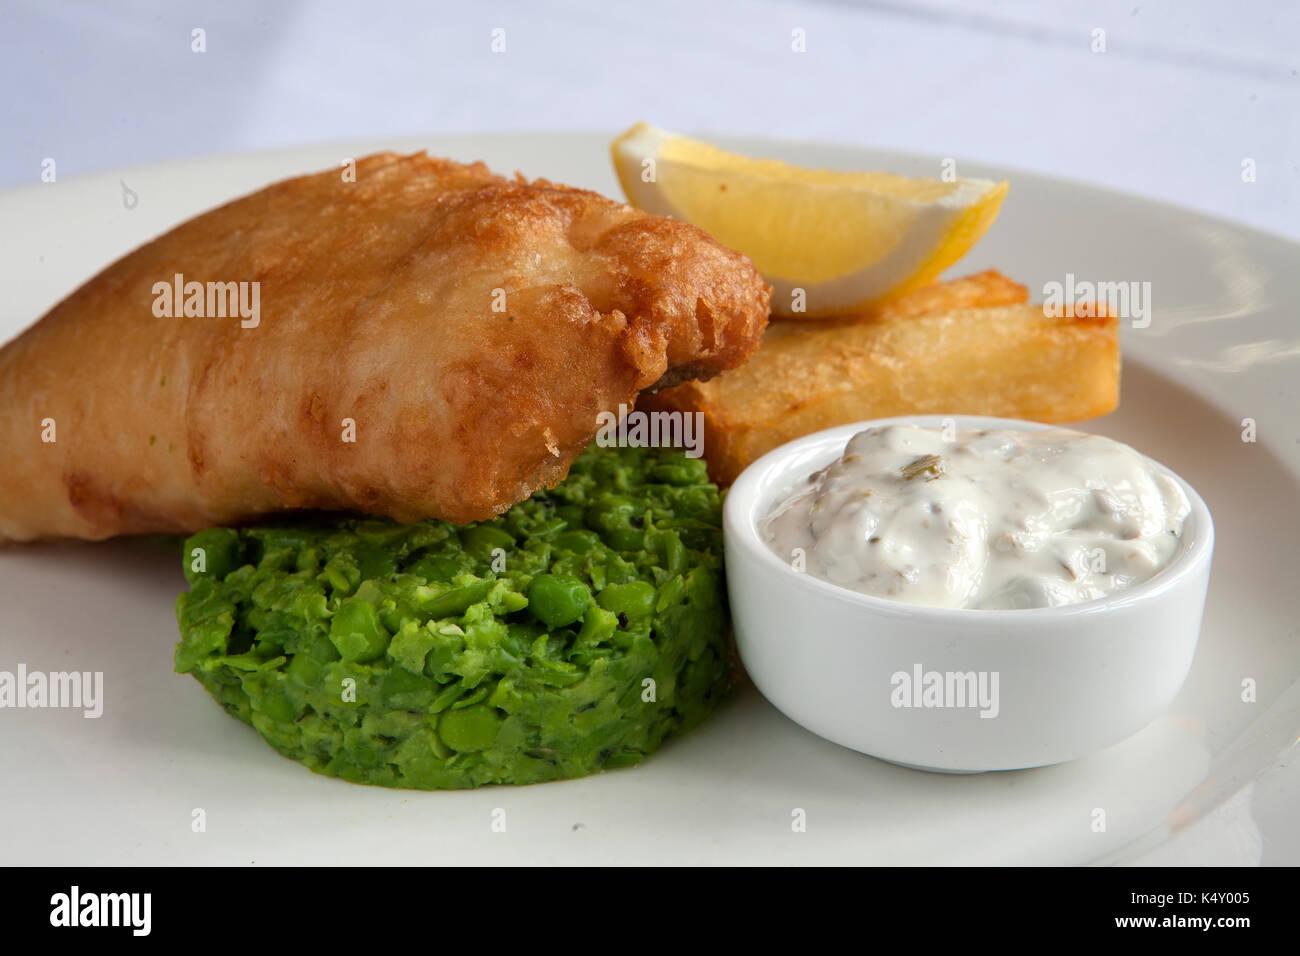 Battered fish and chips avec petits pois et sauce tartare sur une assiette Photo Stock